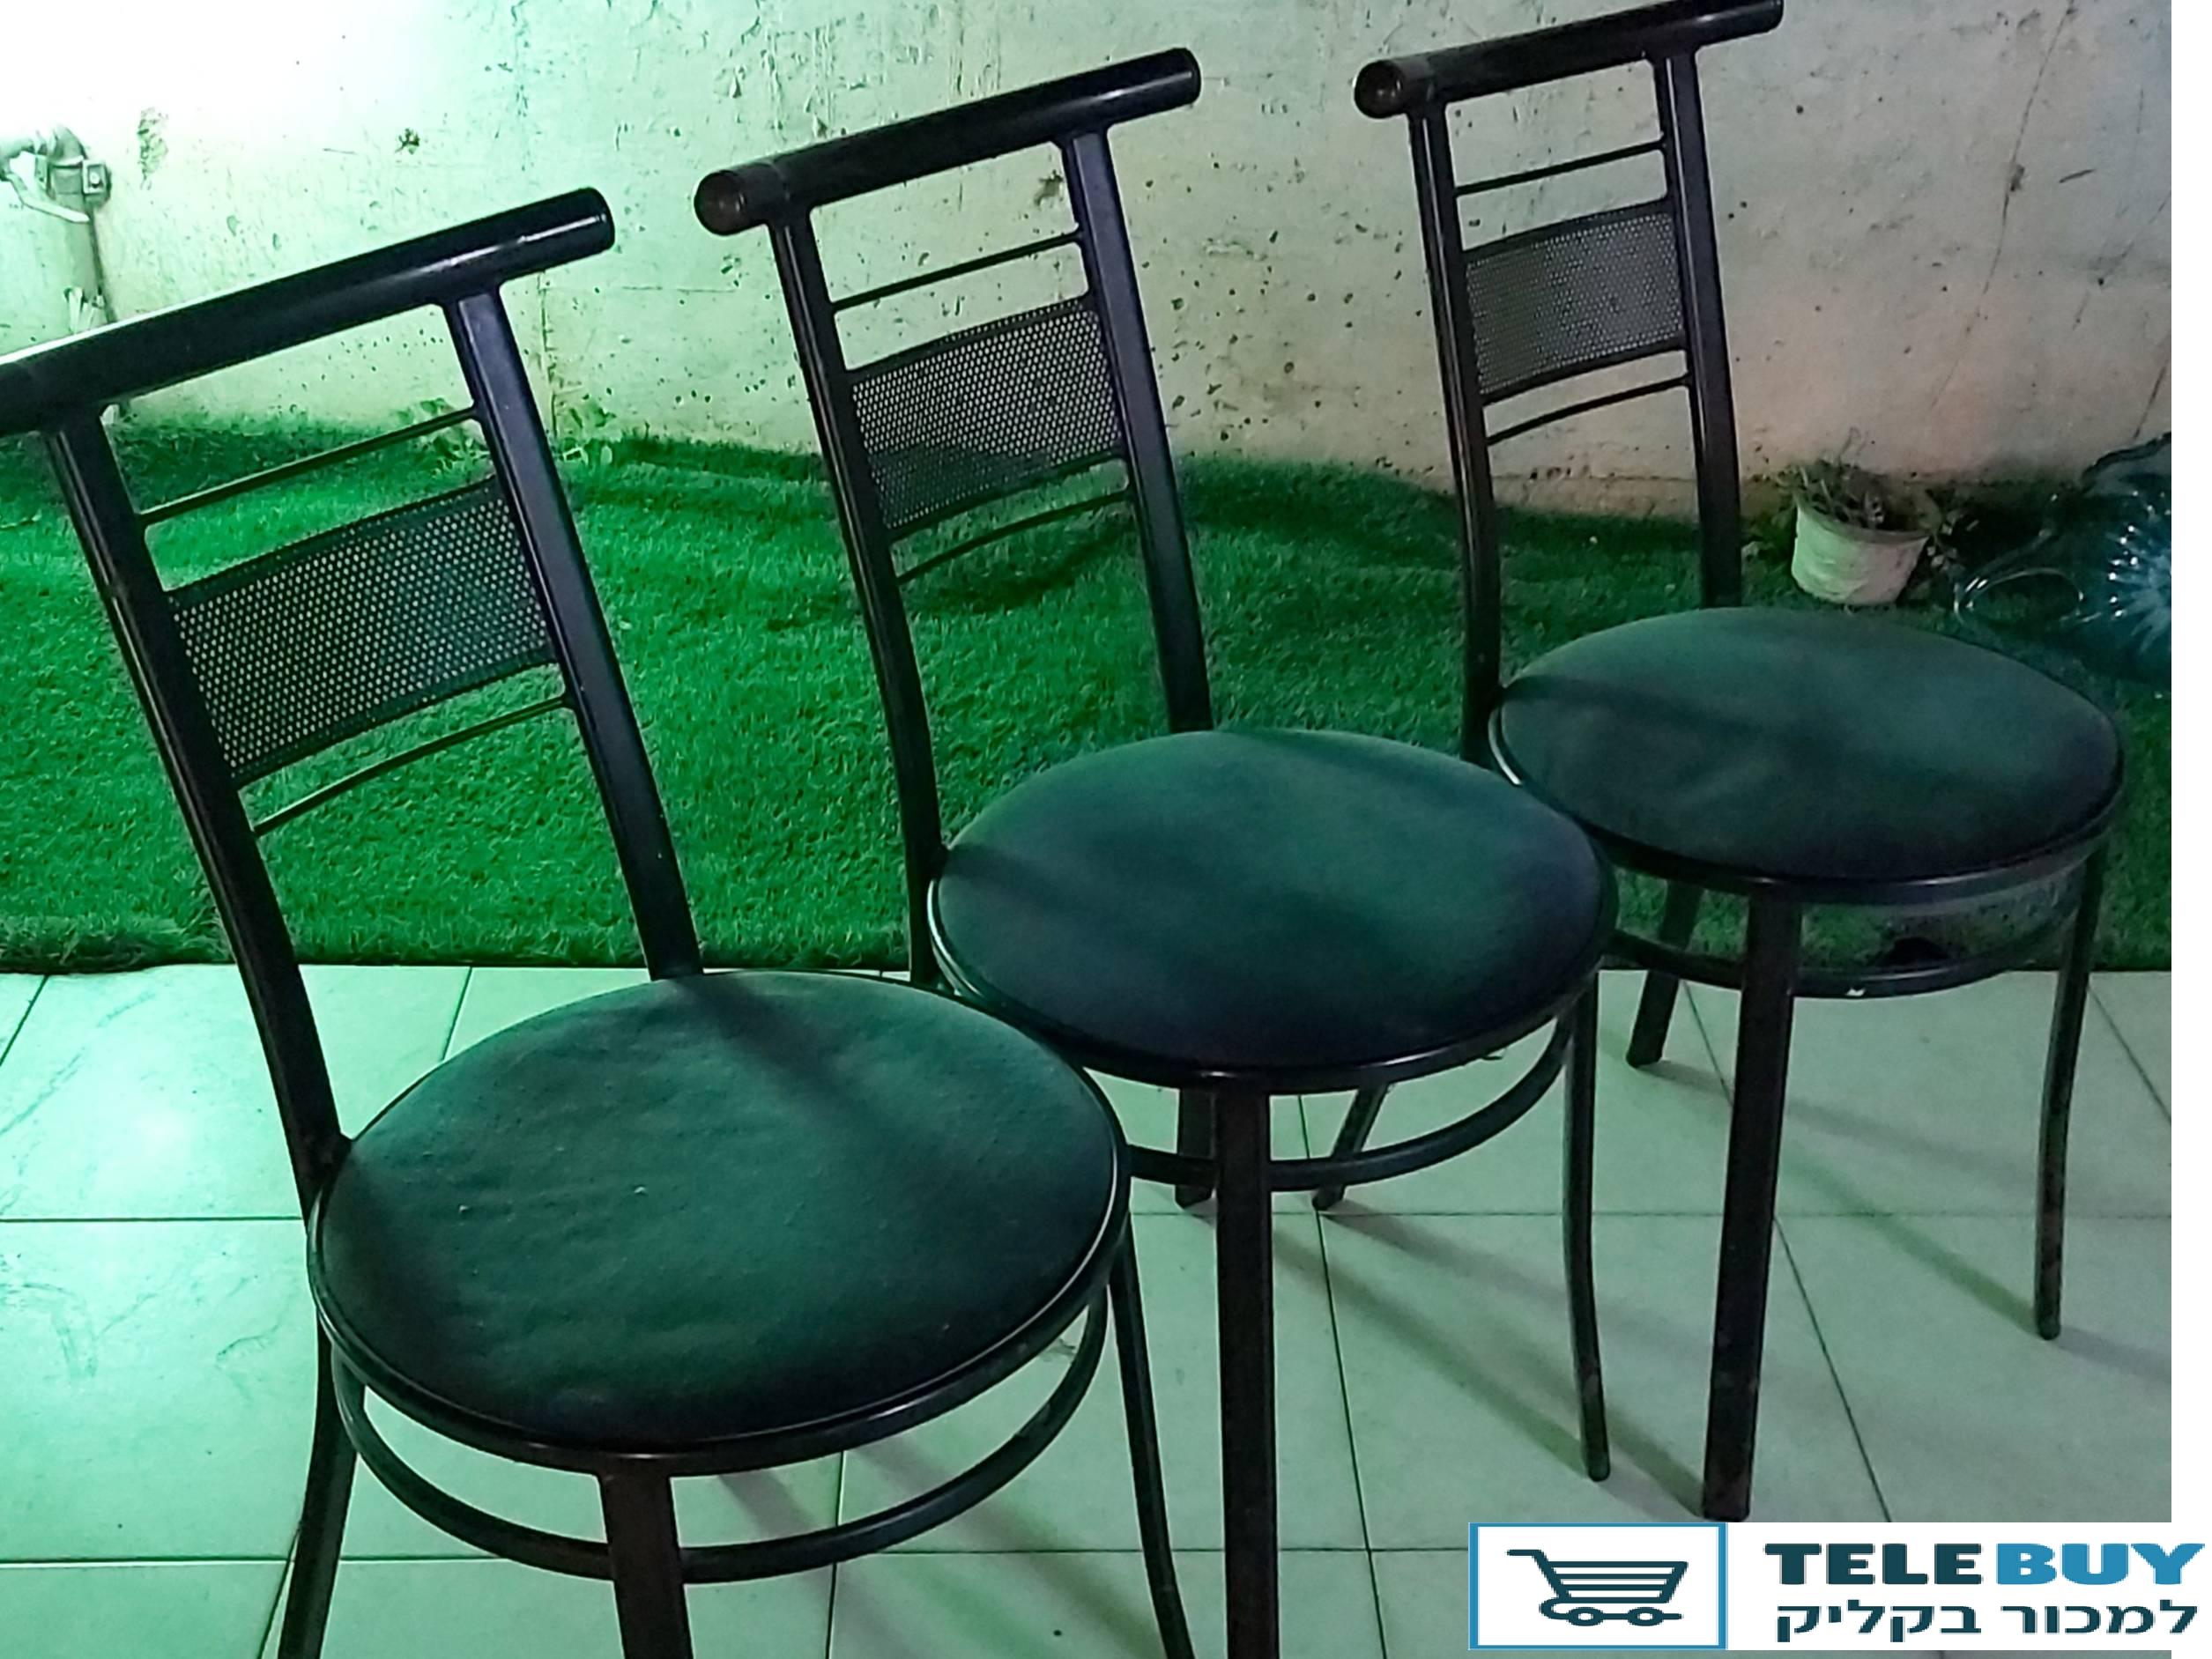 ריהוט כסאות   בראשון לציון